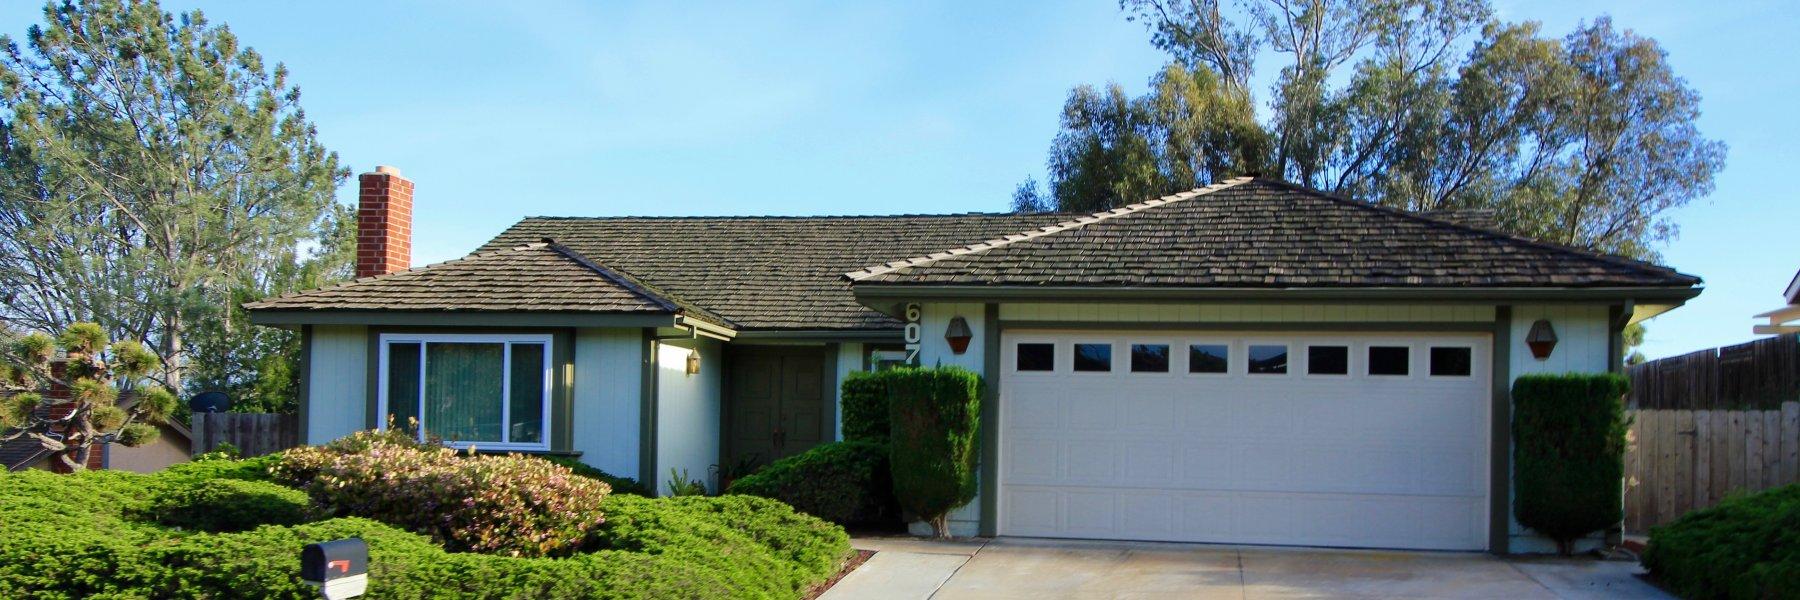 Encinitas Estates is a community of homes in Encinitas California